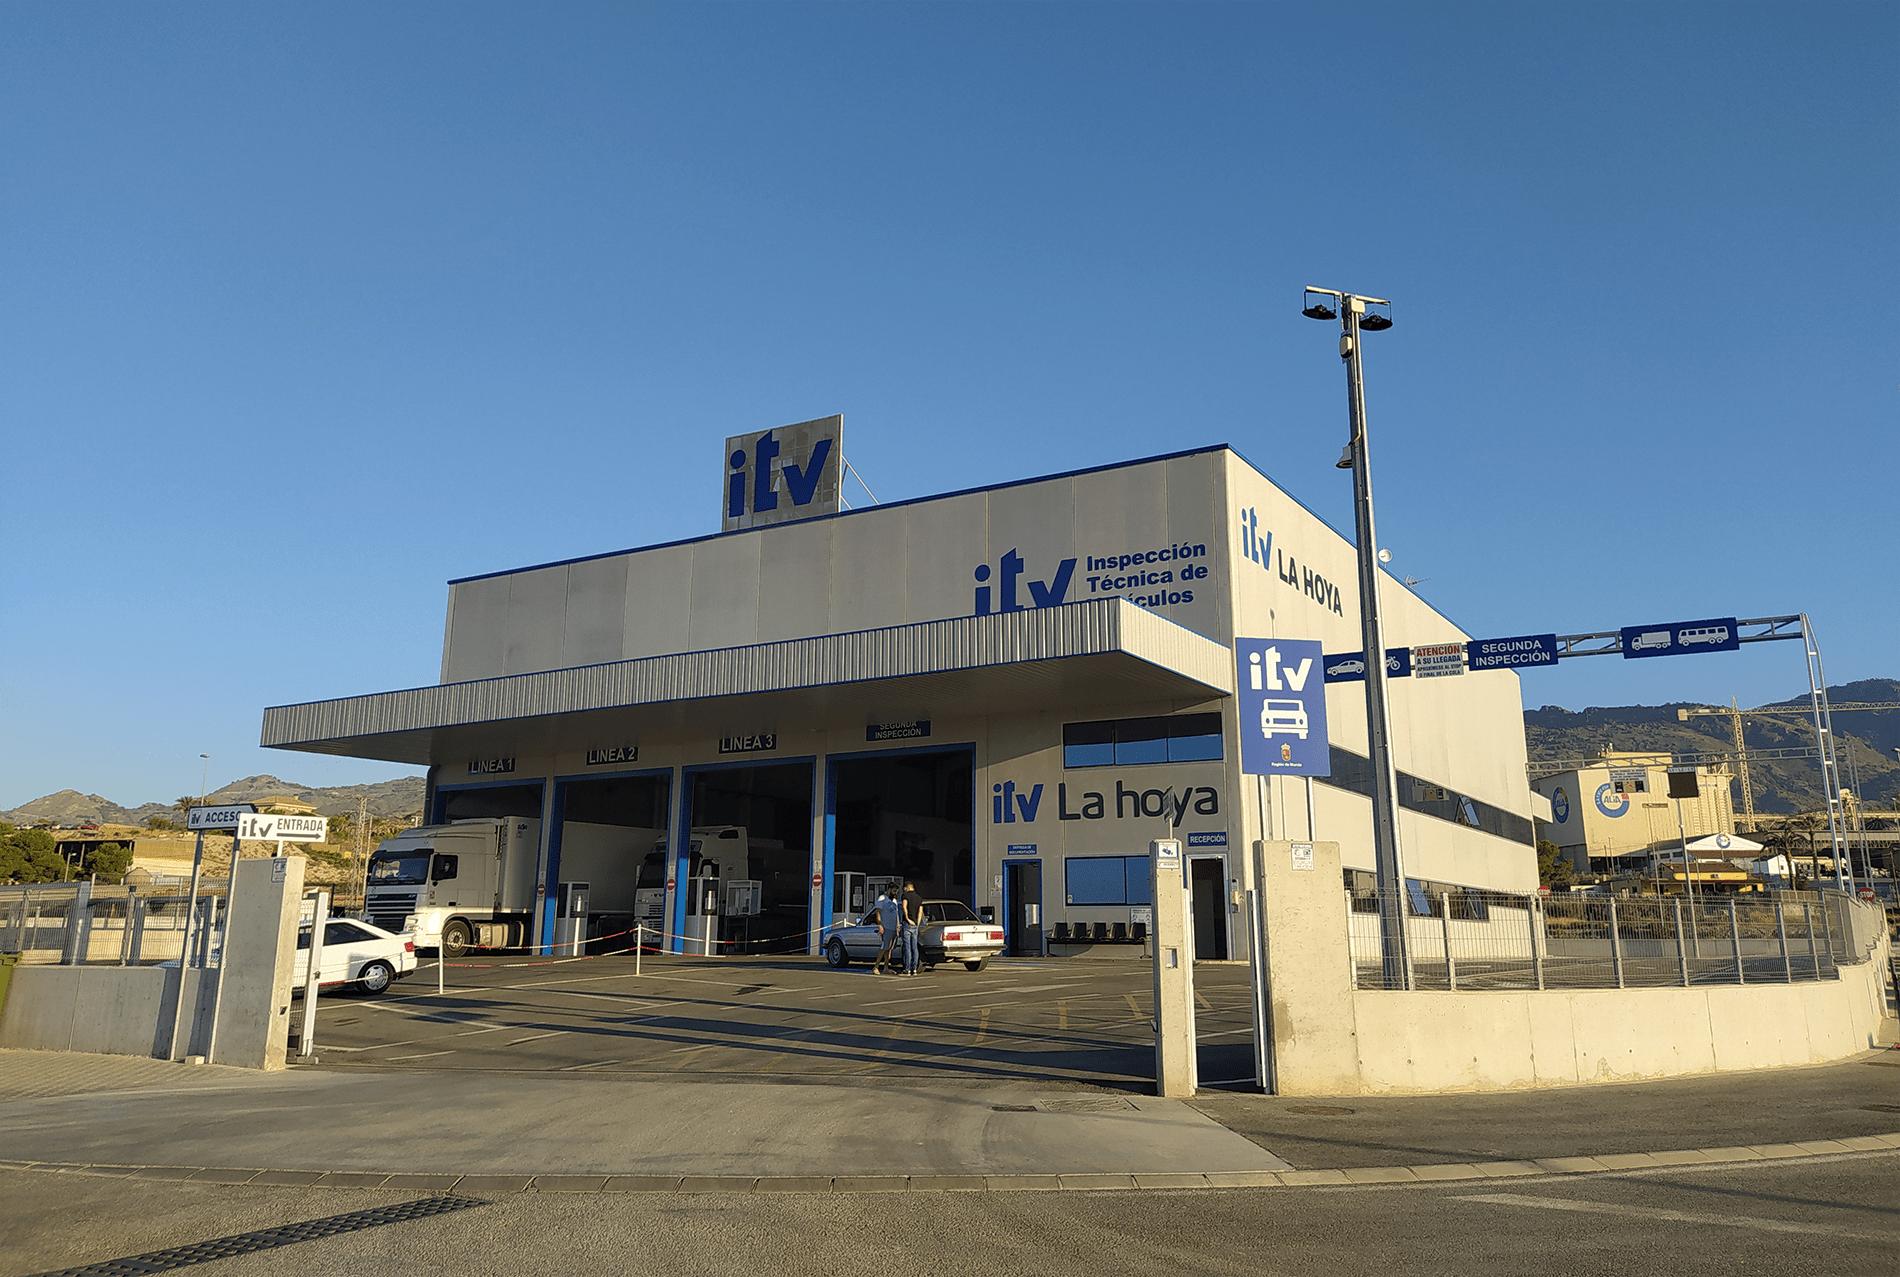 Estación ITV La Hoya